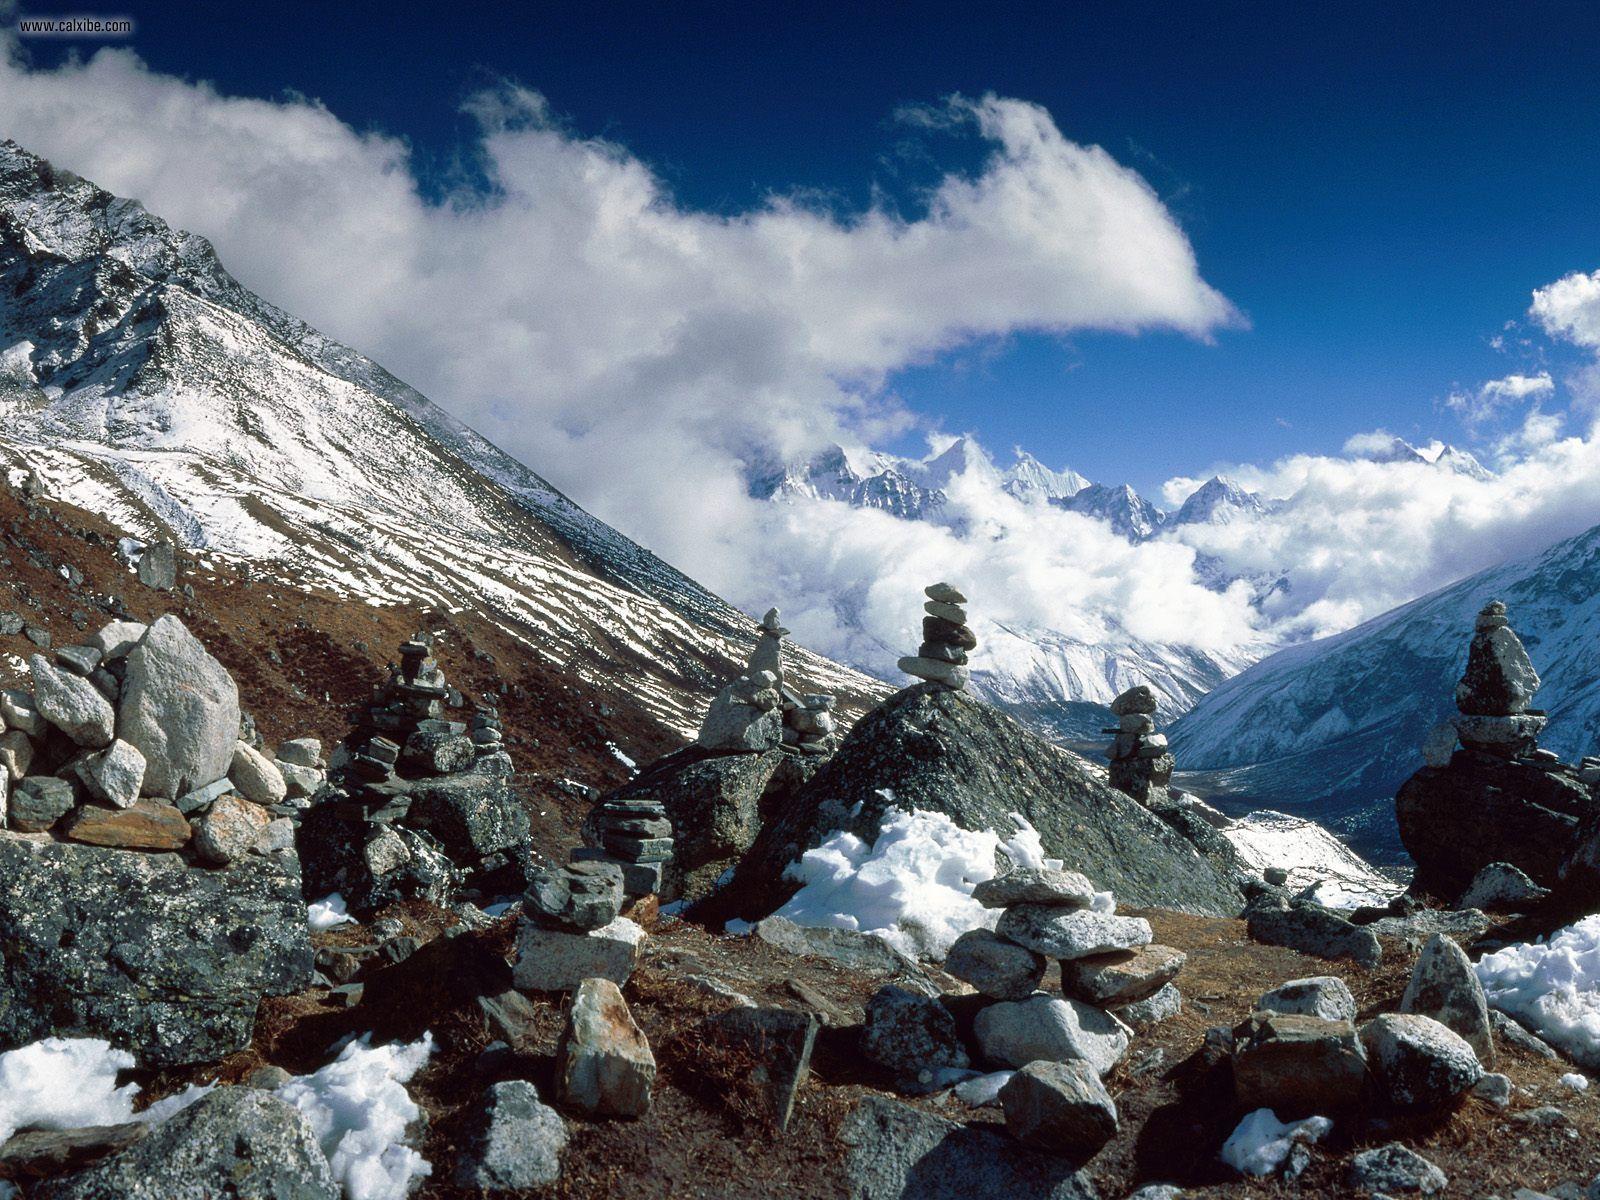 Himalayan mountains pictures himalayas sky mountains - Himalaya pictures wallpaper ...